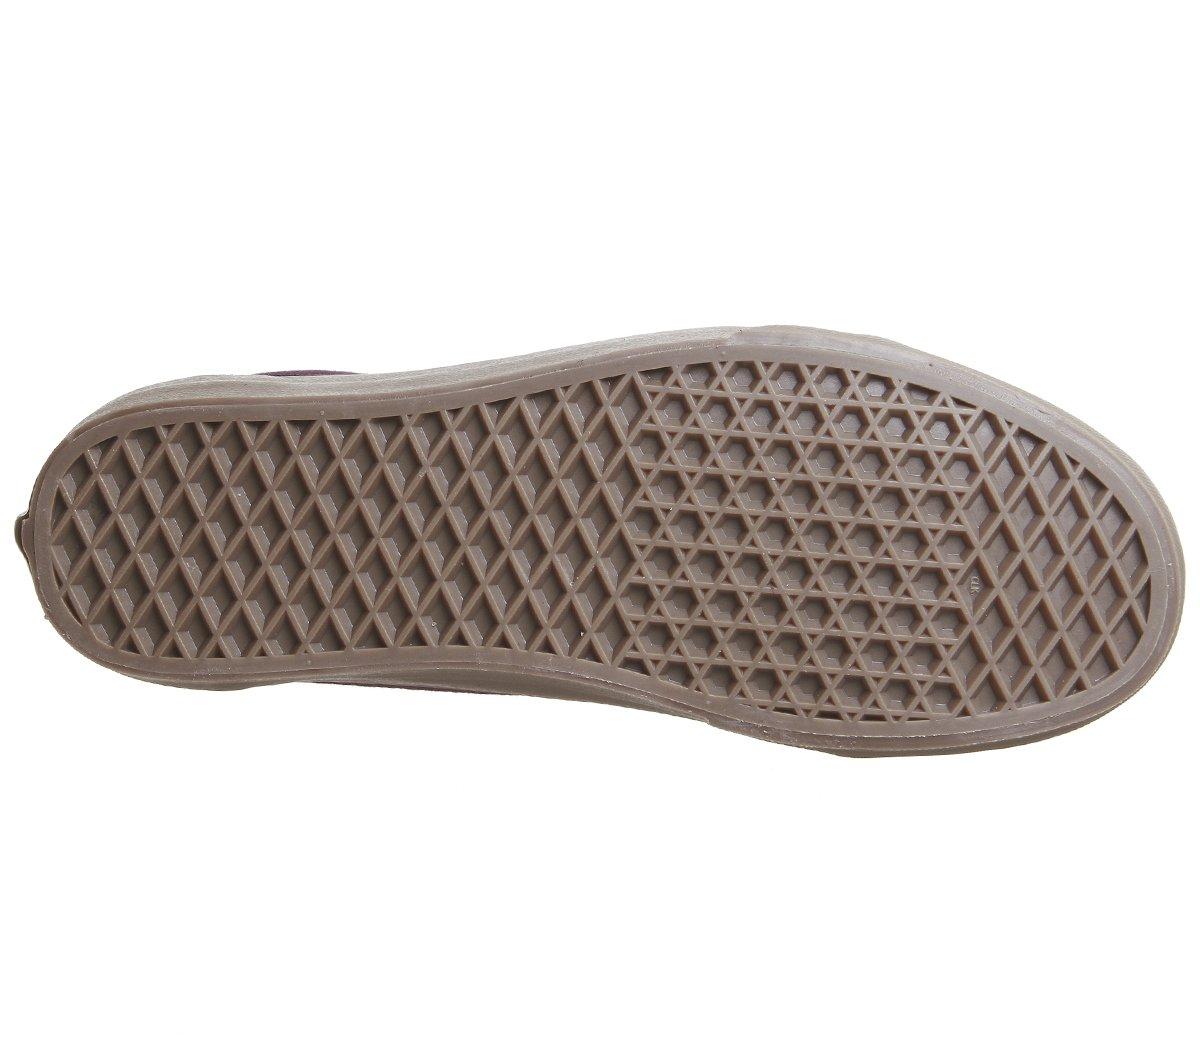 Vans Unisex Old Skool Classic Skate Shoes B078Y9WH5Y 7 M US Women / 5.5 M US Men|Catawba Grape